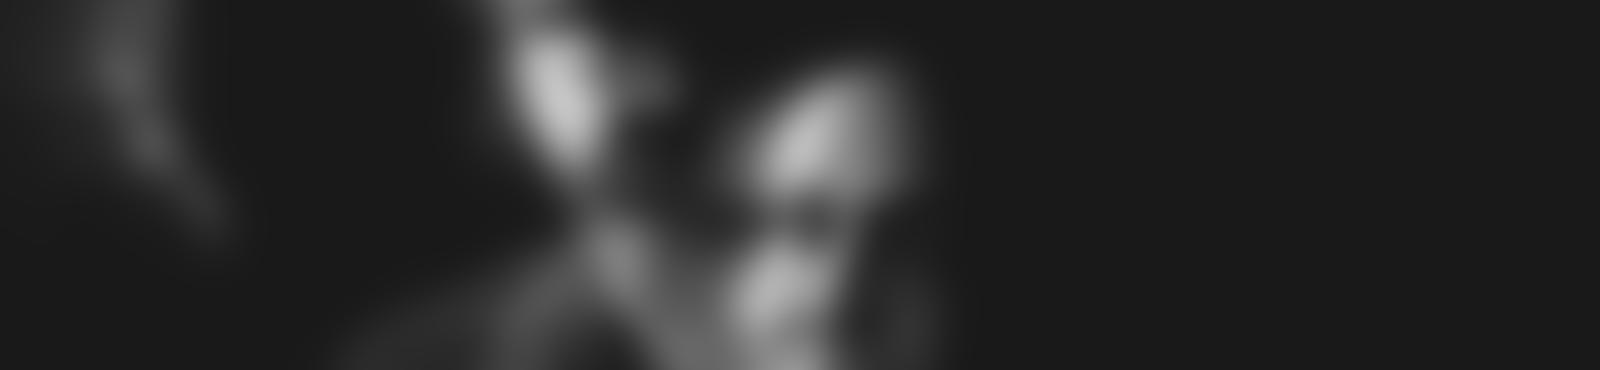 Blurred 0eb990e4 4a92 445d 920e a6ccf56d1740